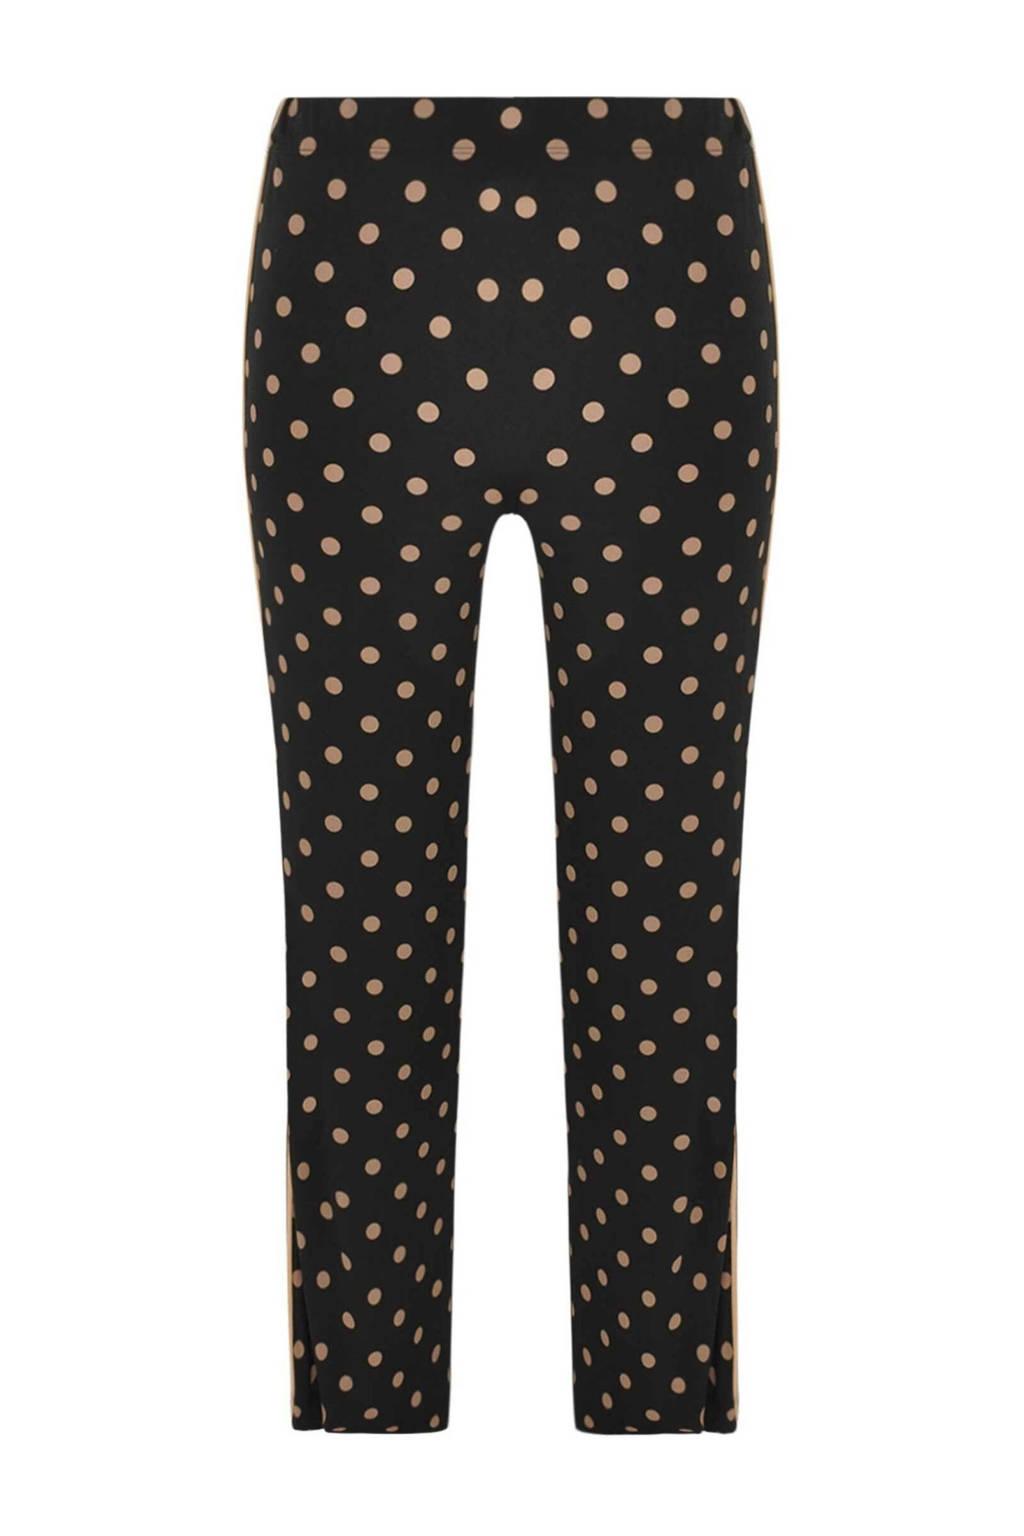 Yoek bootcut broek met zijstreep zwart/beige, Zwart/beige